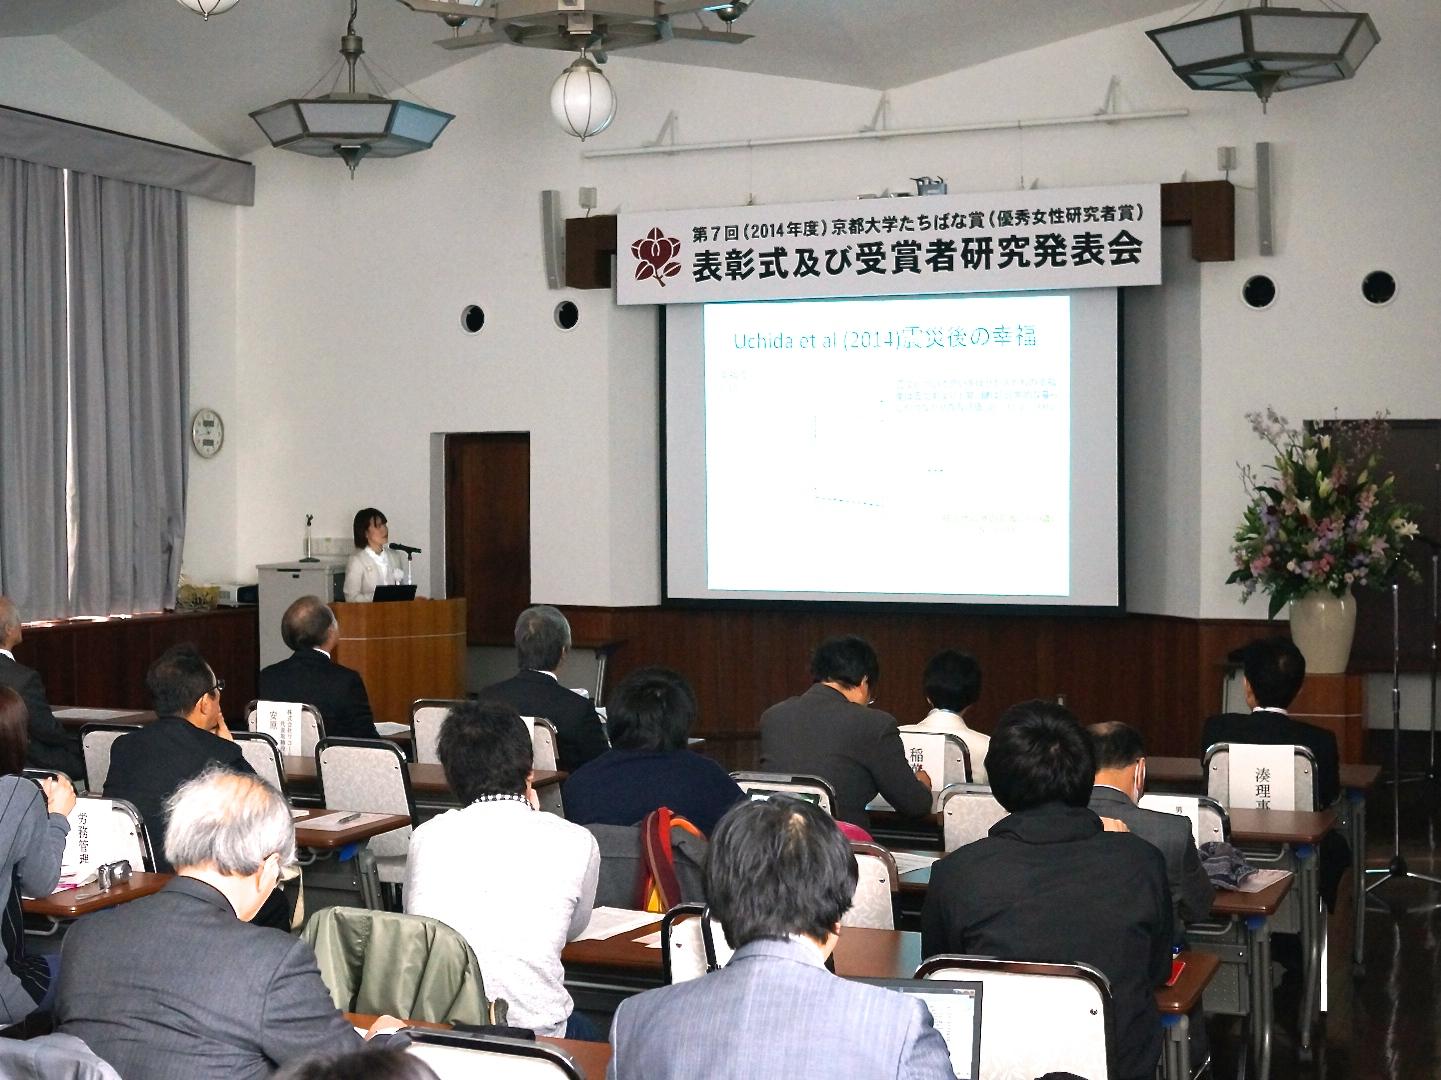 内田准教授がたちばな賞授賞式で研究発表をおこないました